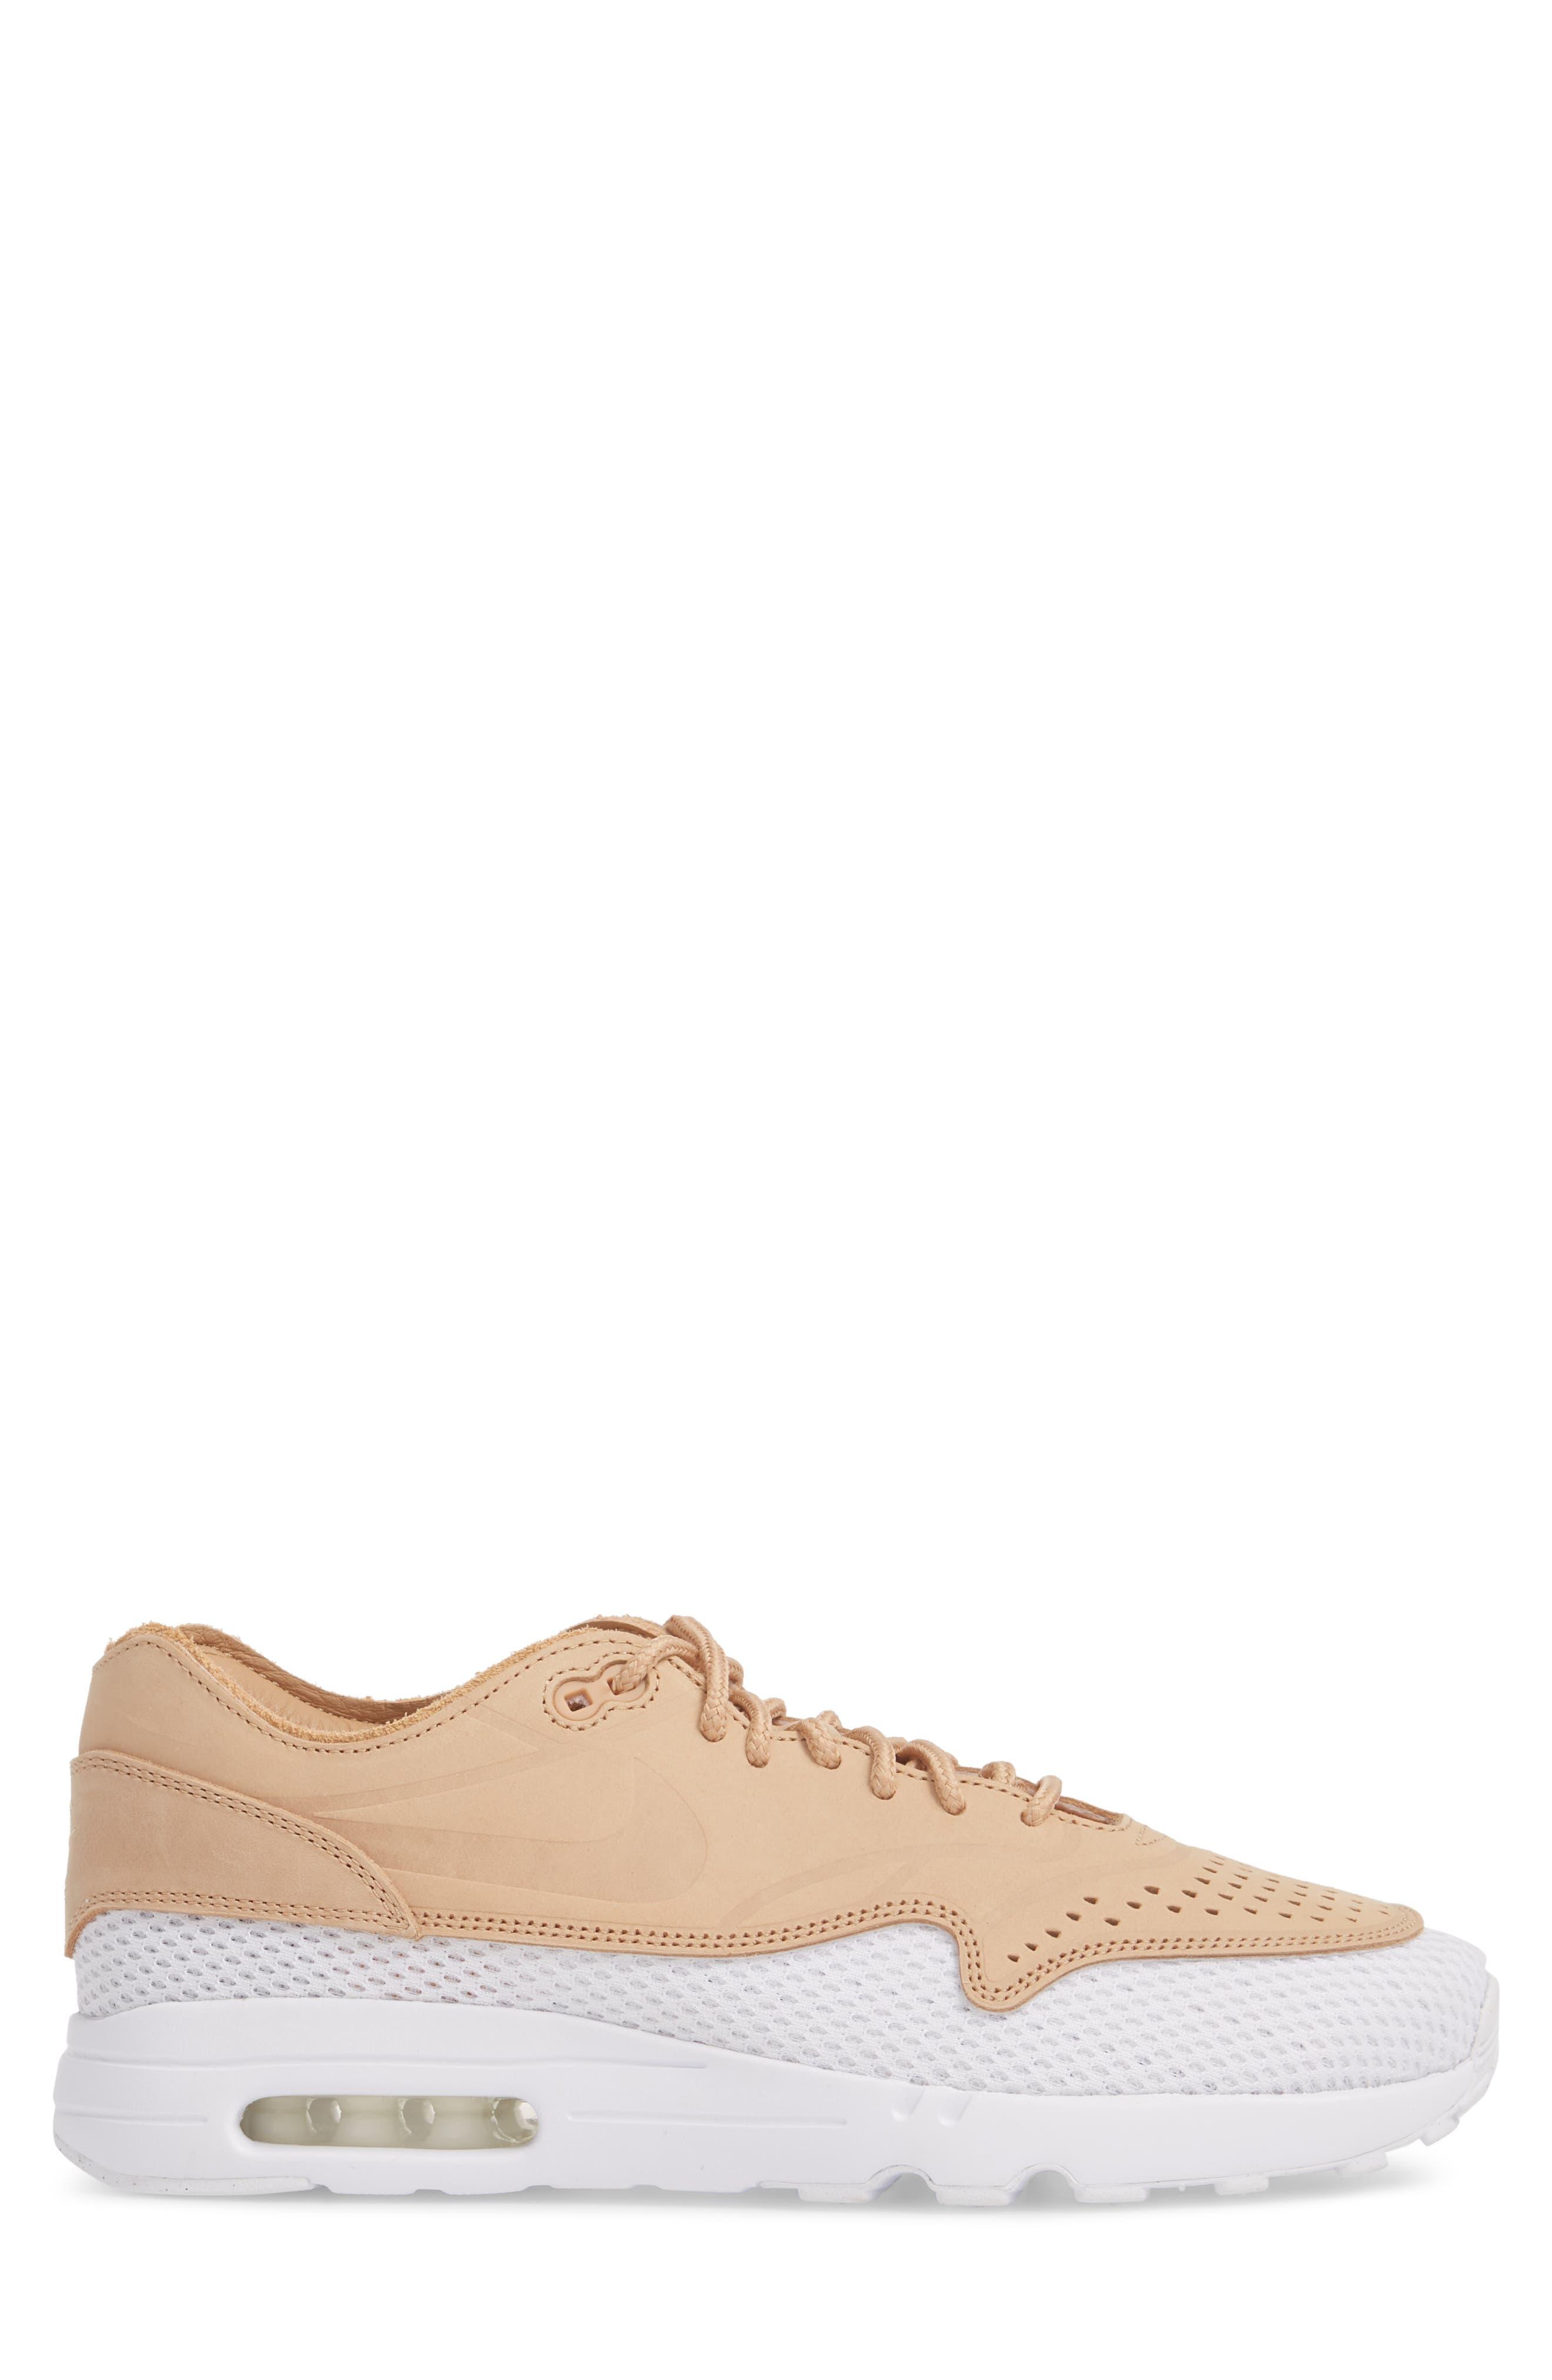 Air Max 1 Ultra 2.0 Premium Sneaker,                             Alternate thumbnail 3, color,                             250